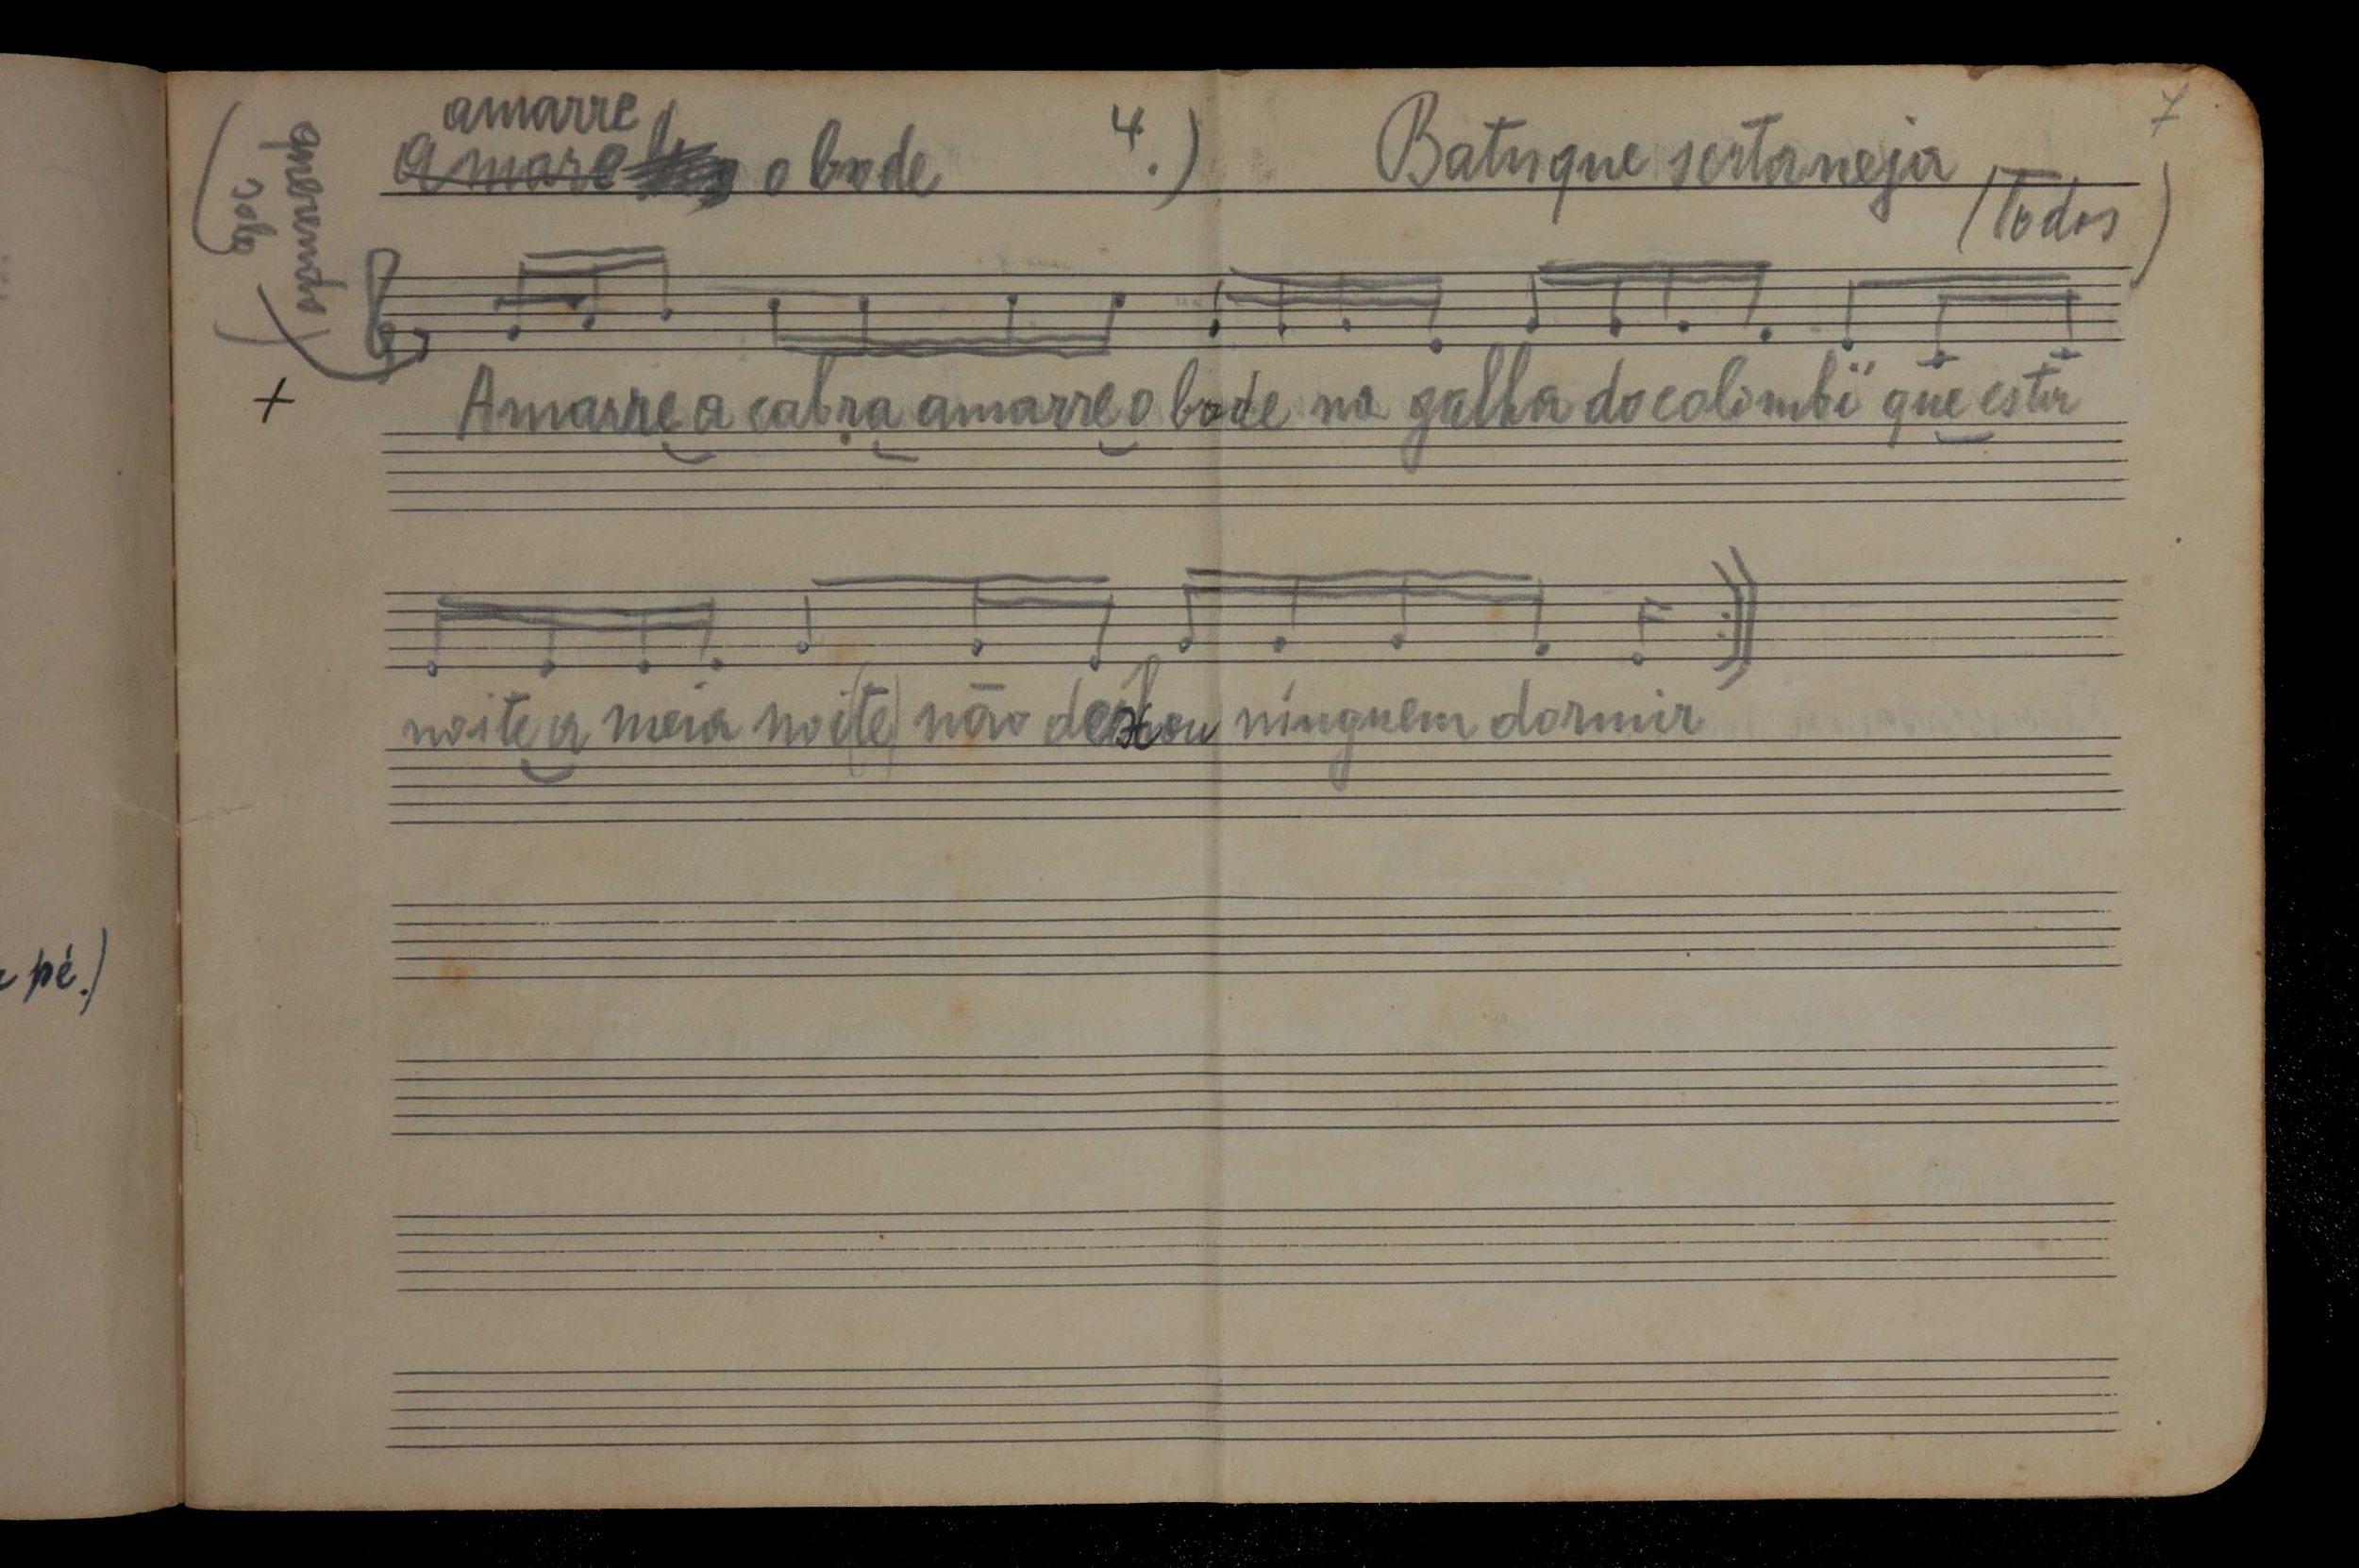 Caderno de Música / Missão de Pesquisas Folclóricas, 1938. Acervo Histórico DOA/CCSP/SMC, cód.: CAM-2 p.7.